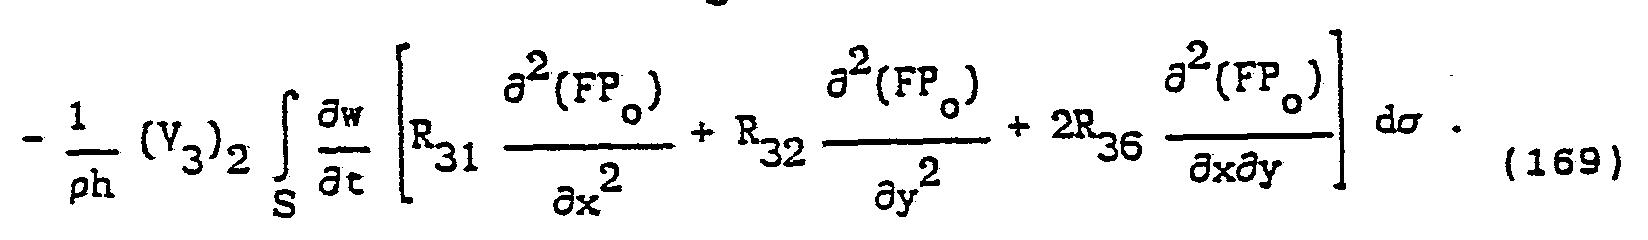 Figure imgf000082_0005